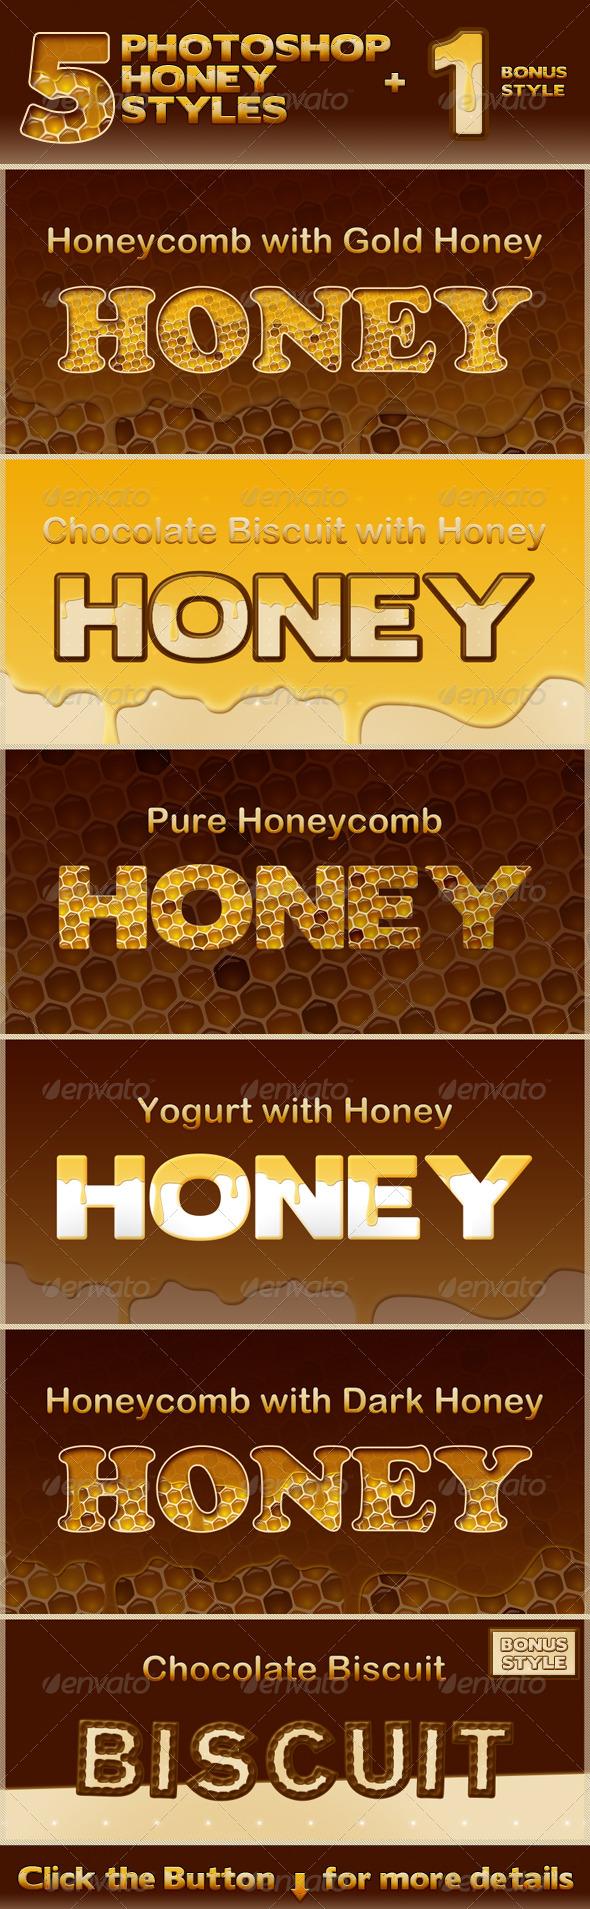 GraphicRiver Honey Photoshop Styles 235963